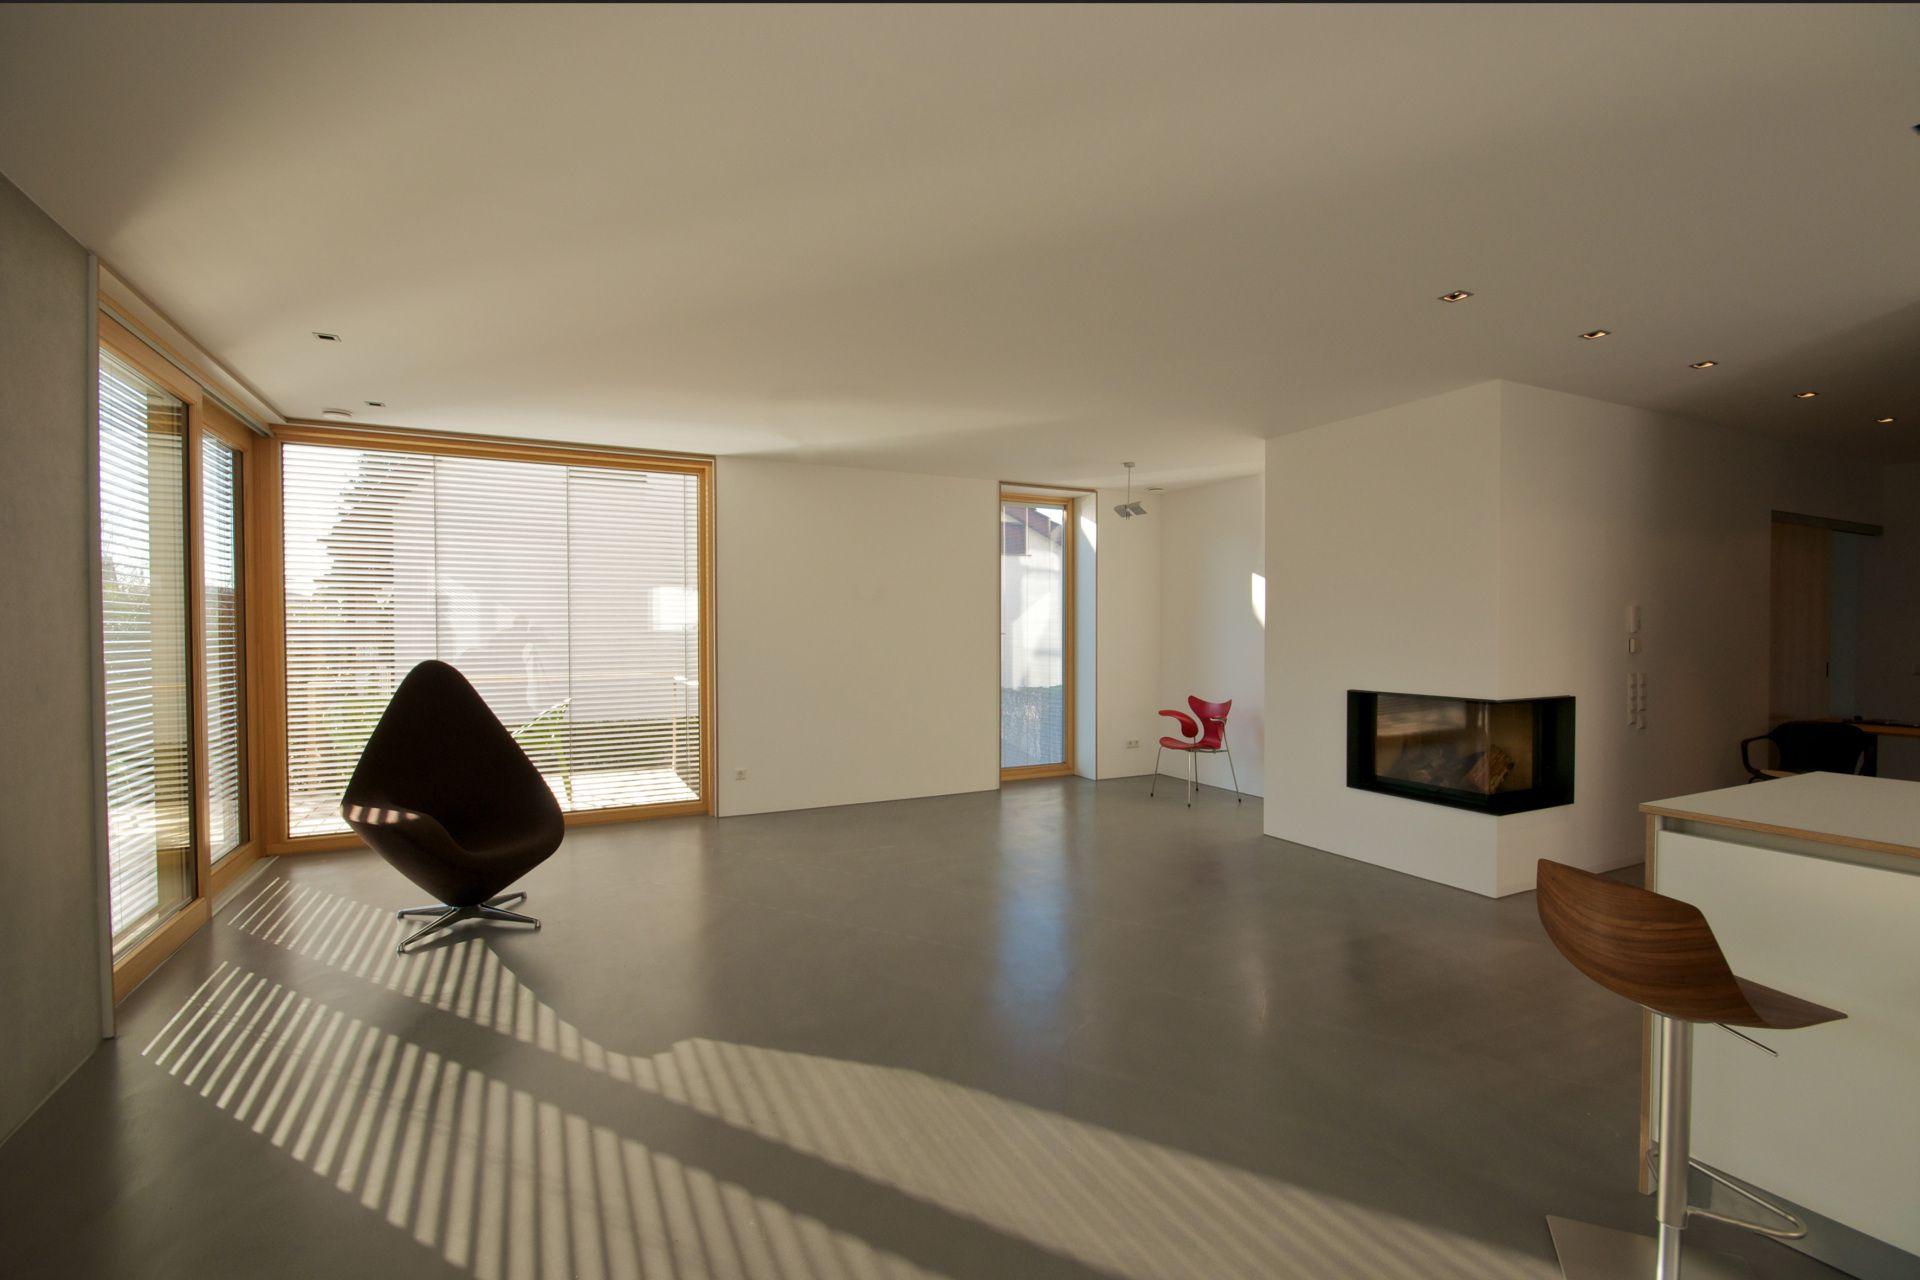 gro z gige wohnfl che im amerikanischen stil. Black Bedroom Furniture Sets. Home Design Ideas